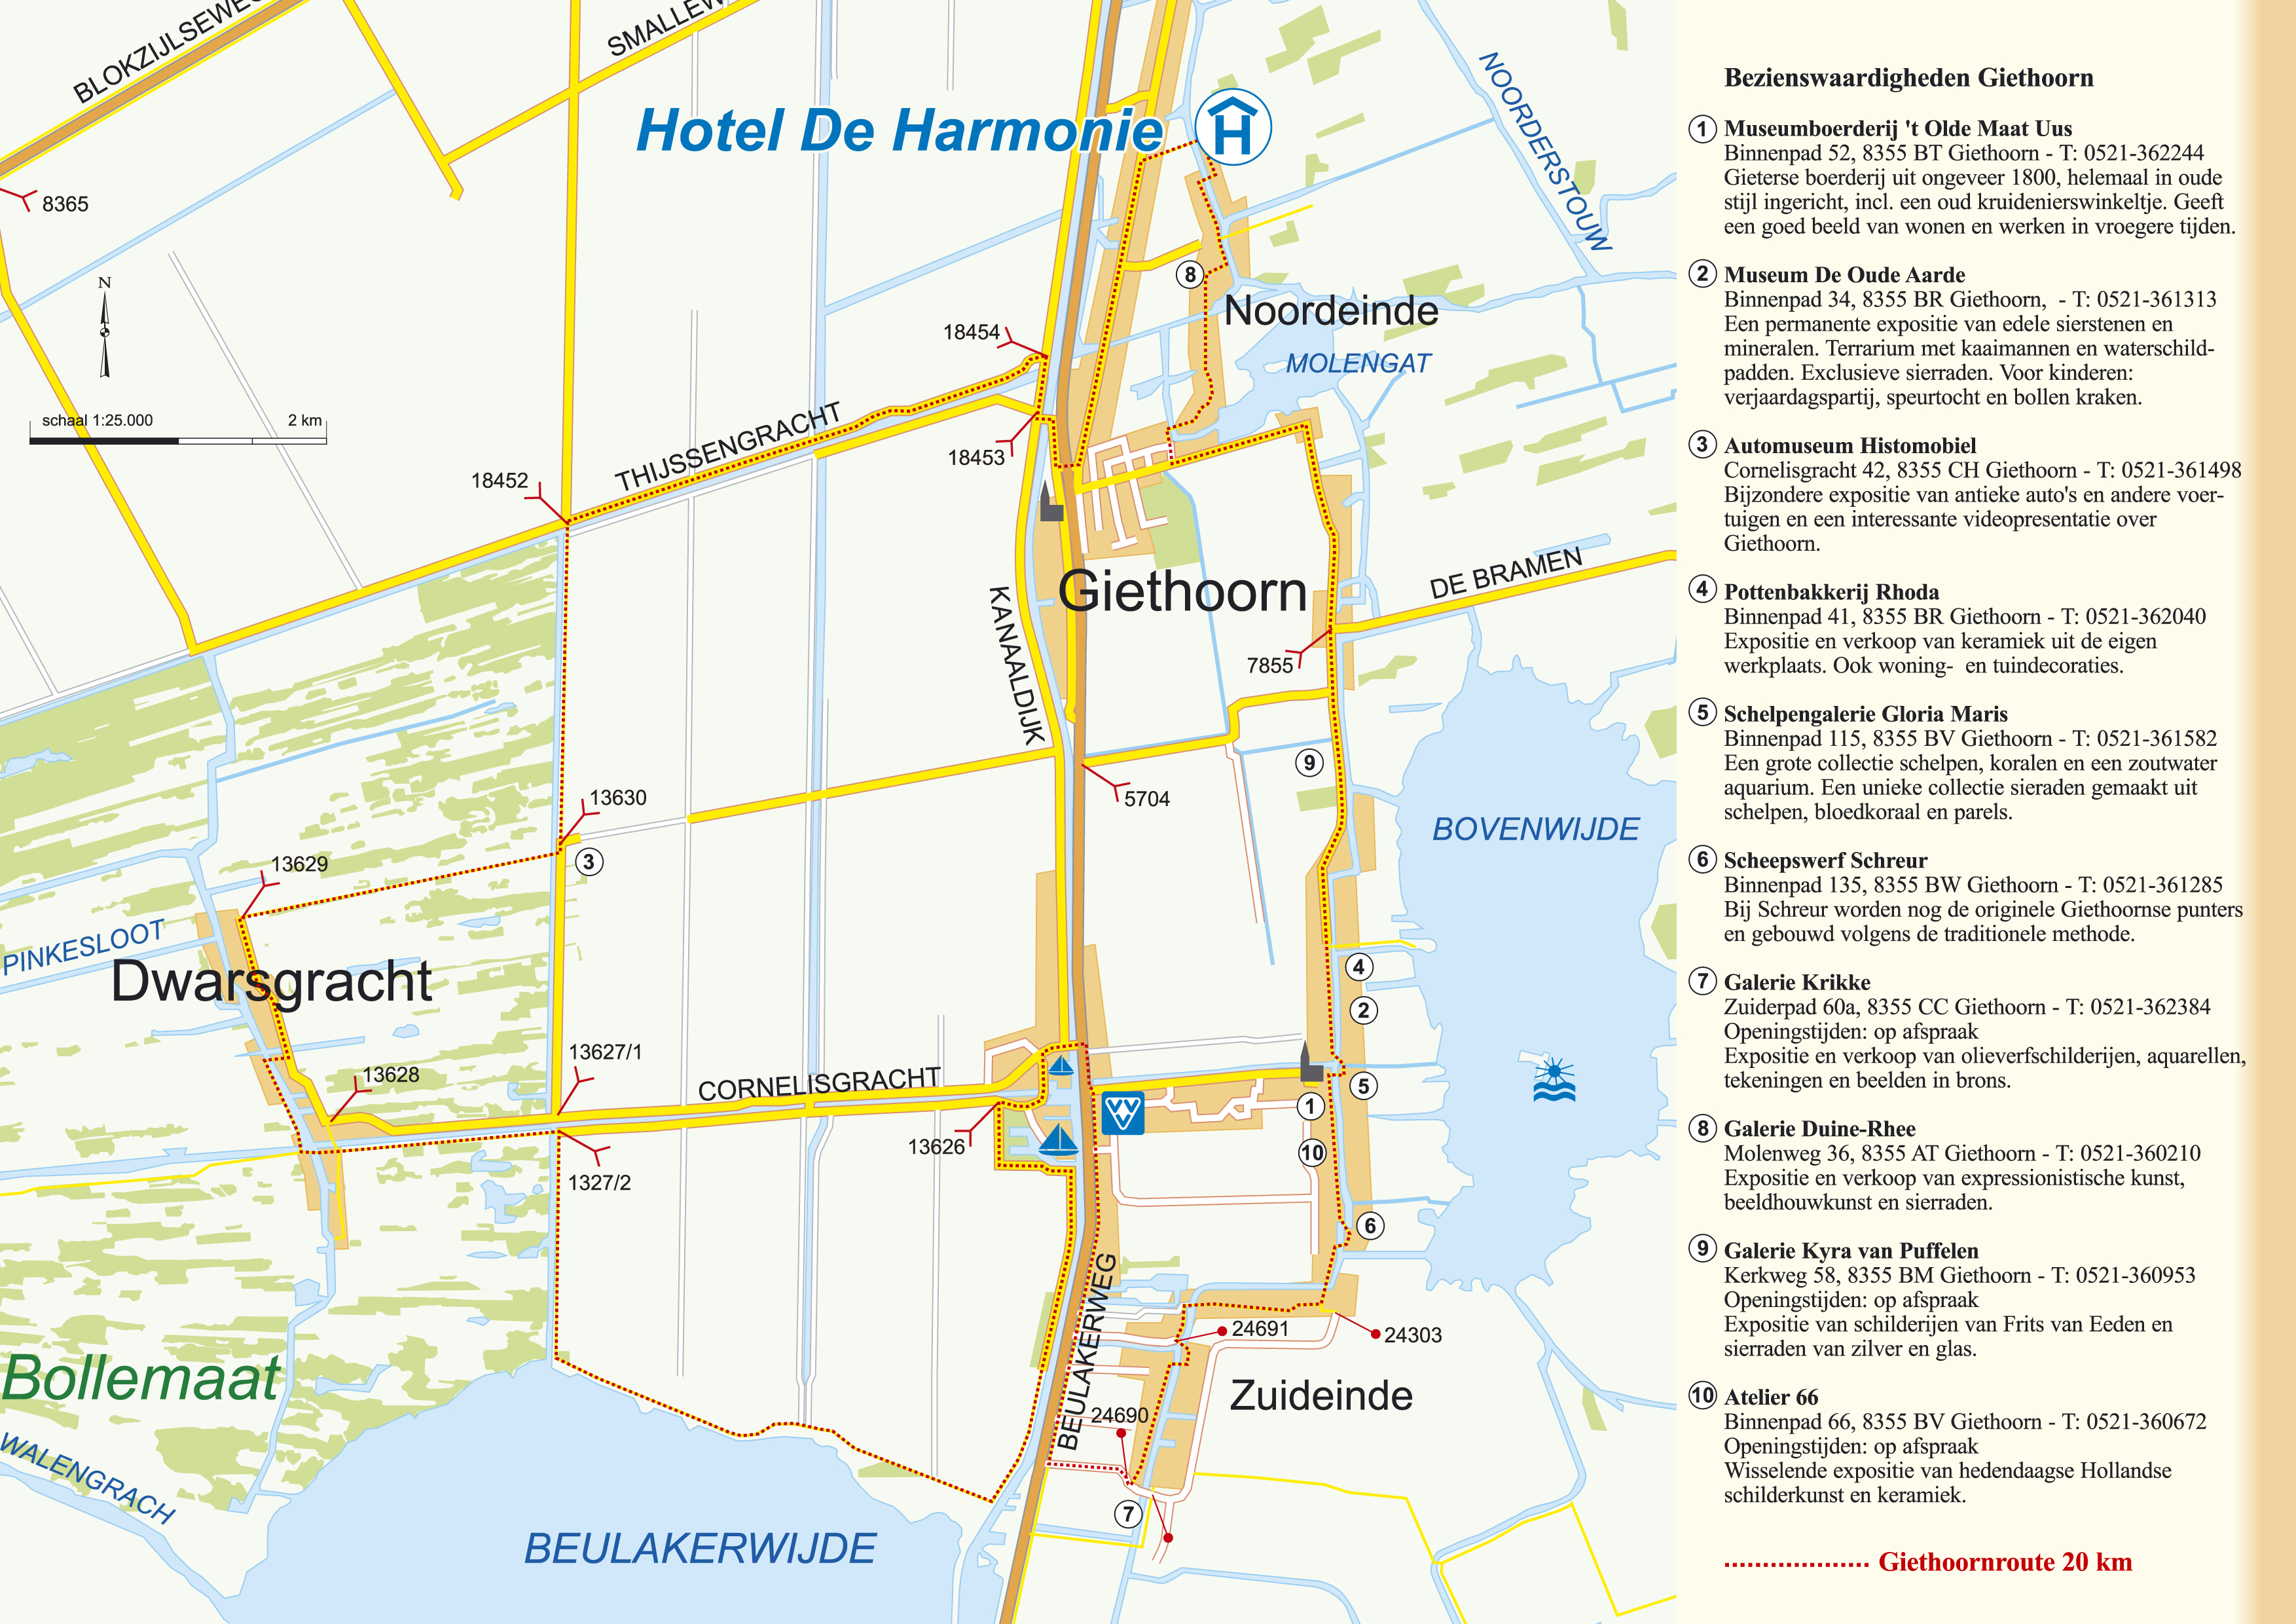 Foto 12 van het album Omgeving De Harmonie en Giethoorn